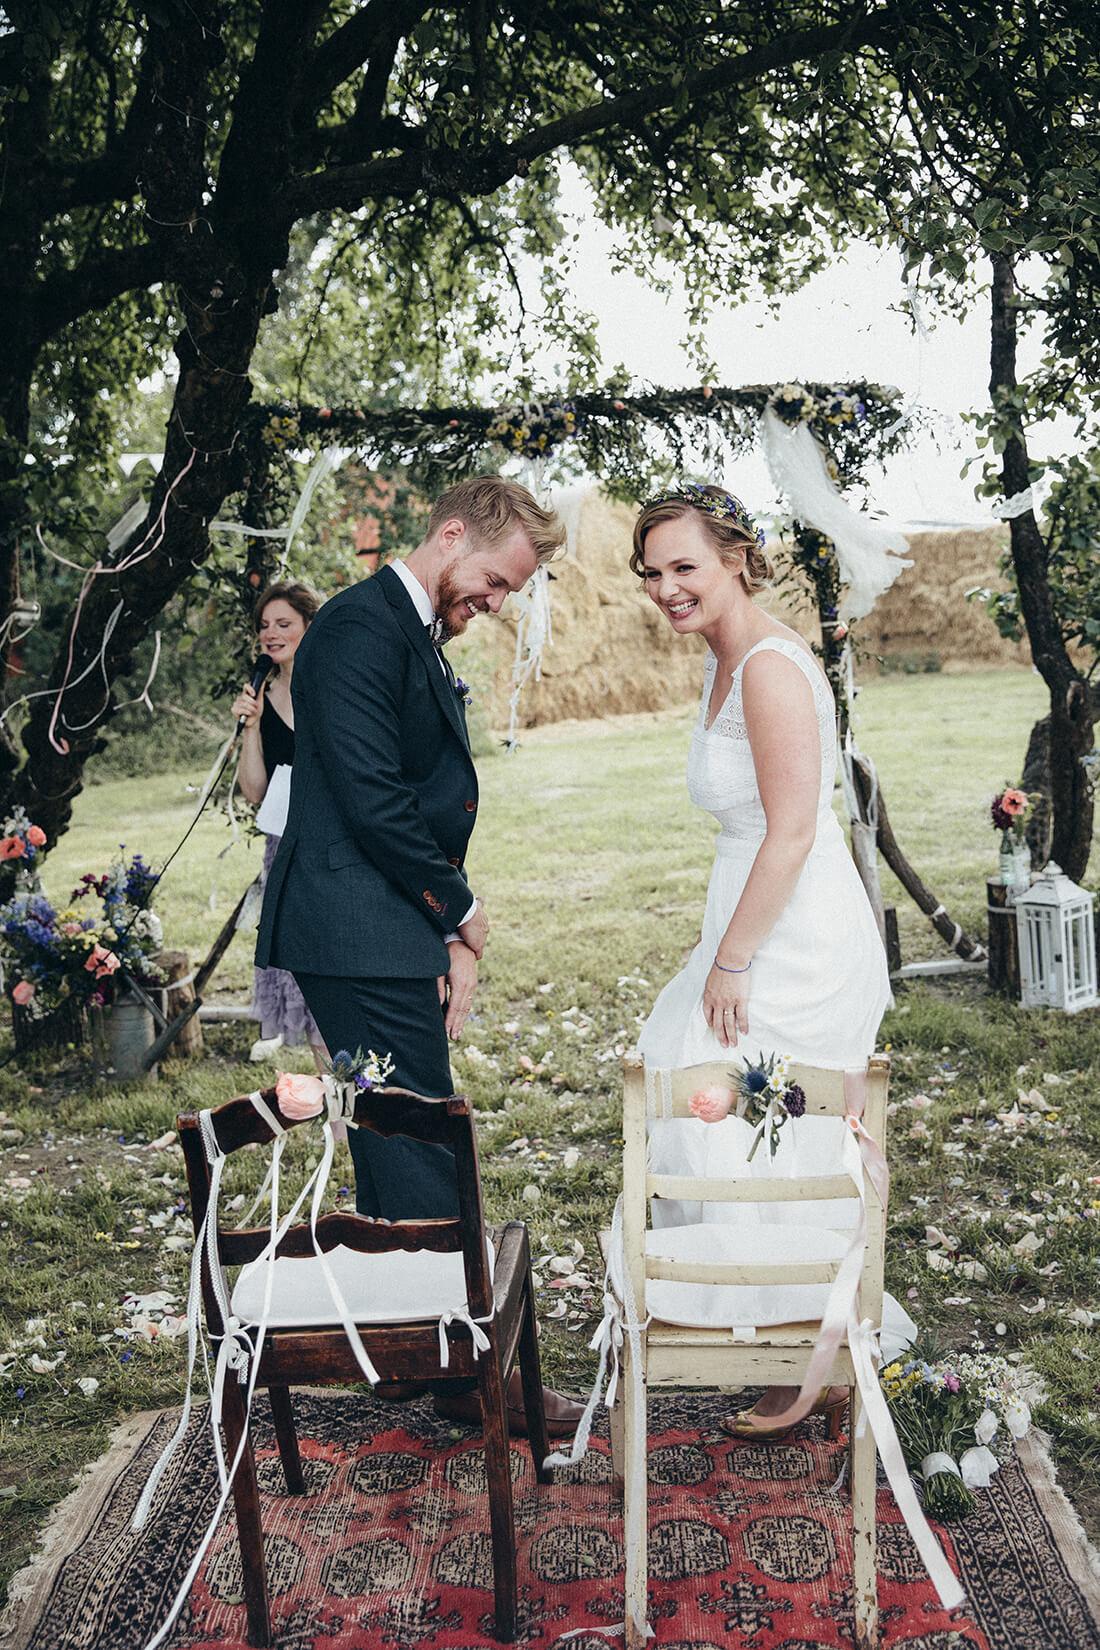 Hochzeitsreportage Schmetterlingsgarten © Hochzeitsfotografin Miriam Ellerbrake 2018